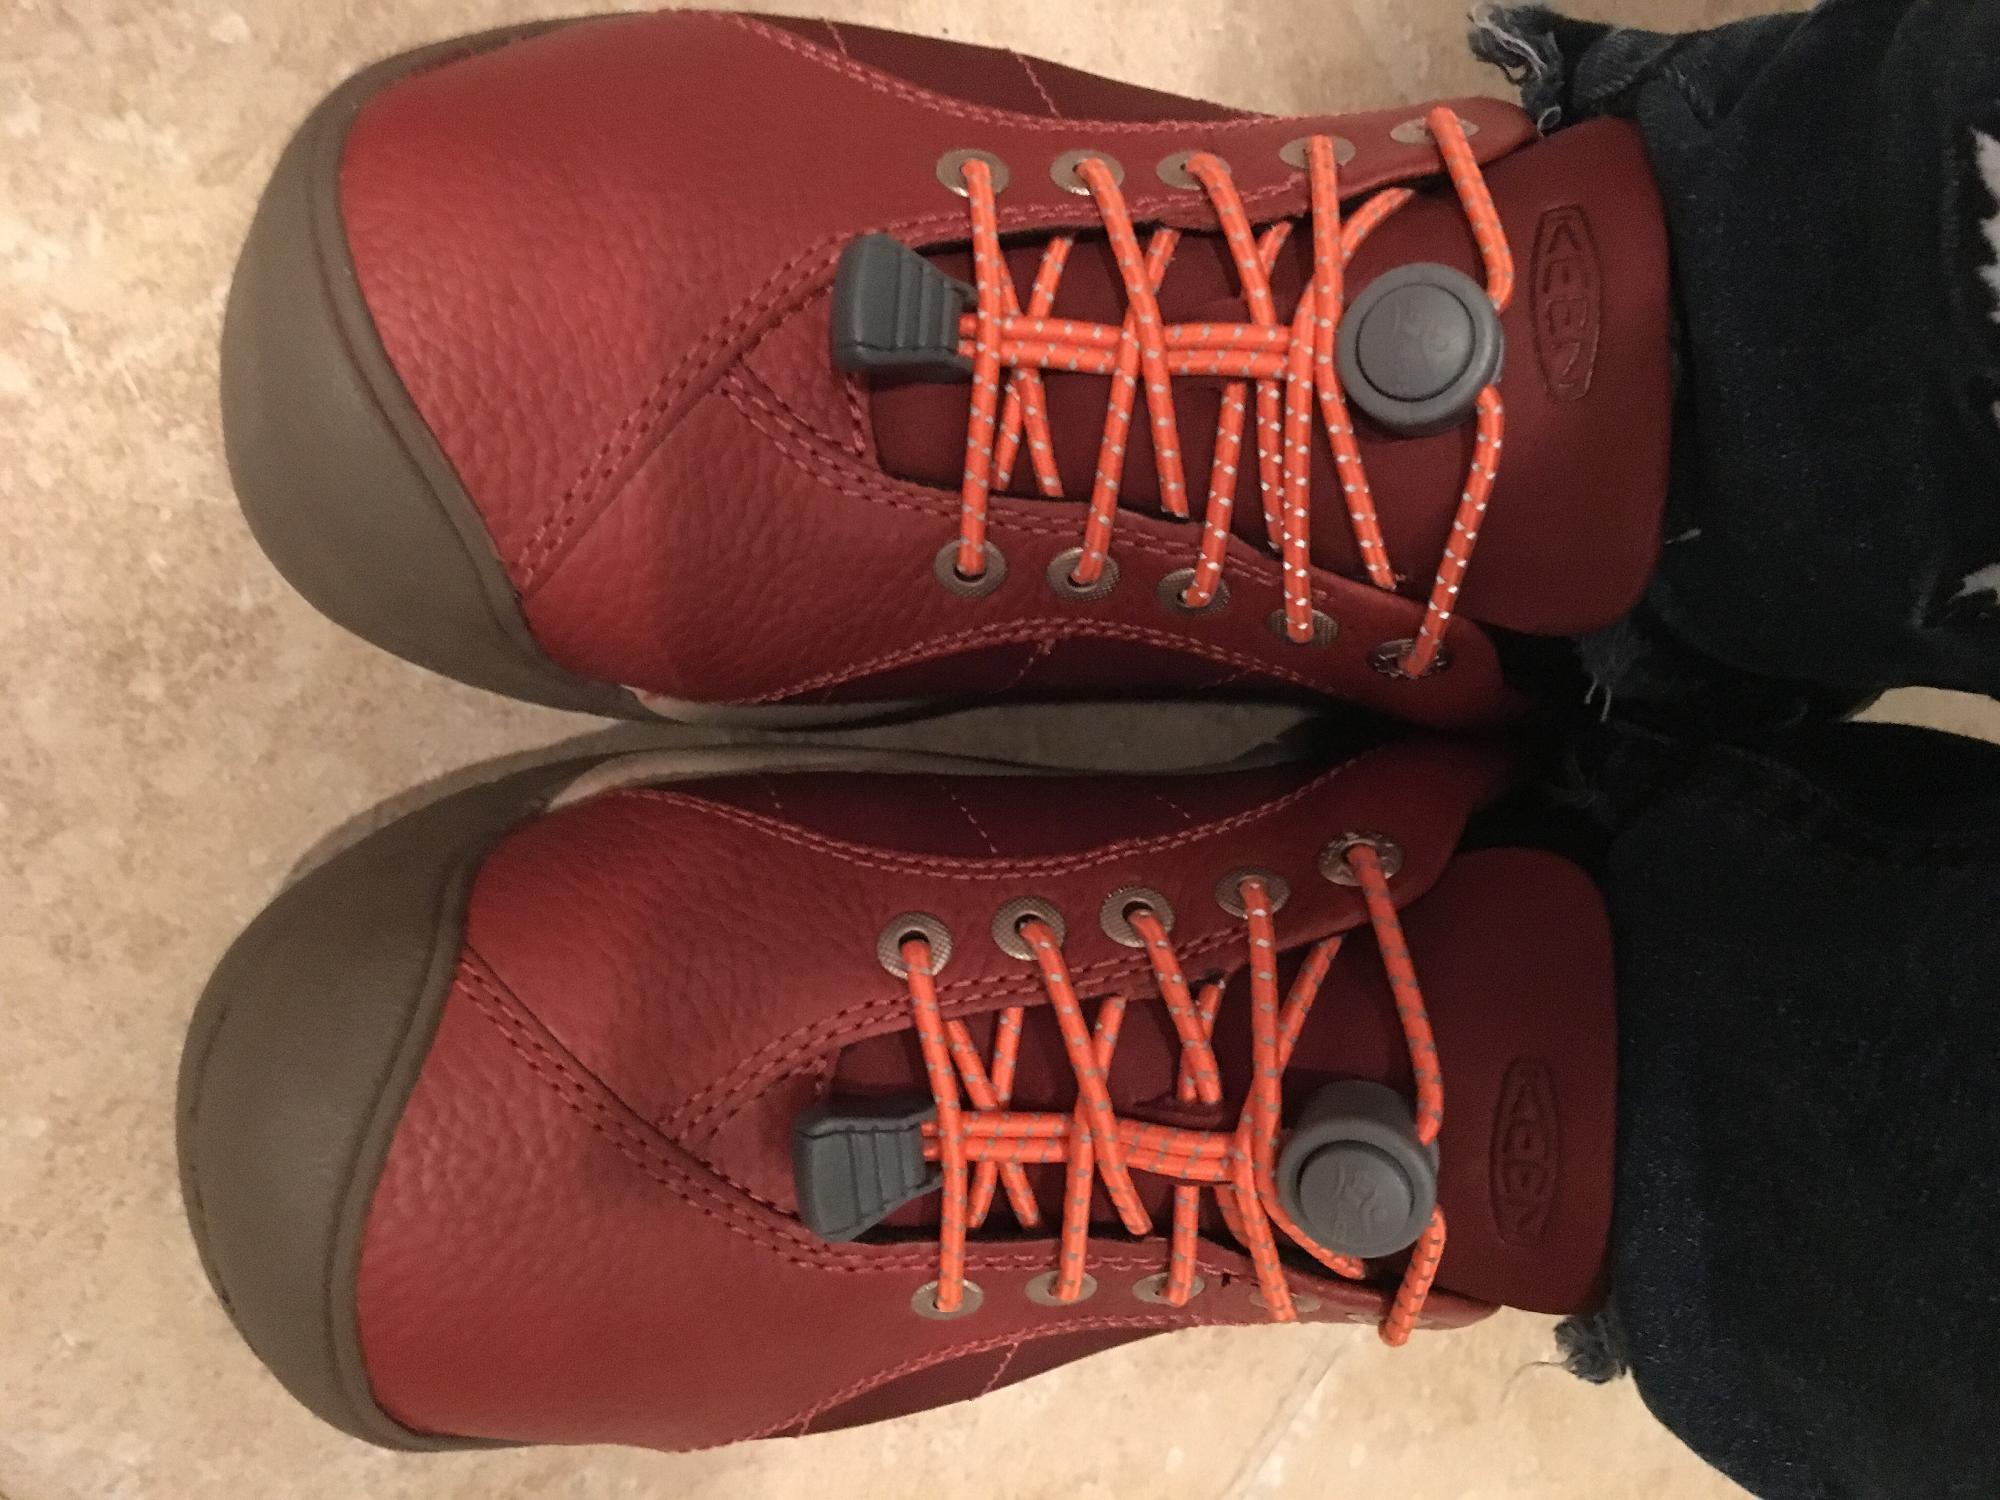 30a7a3de5754 Keen Presidio at Zappos.com